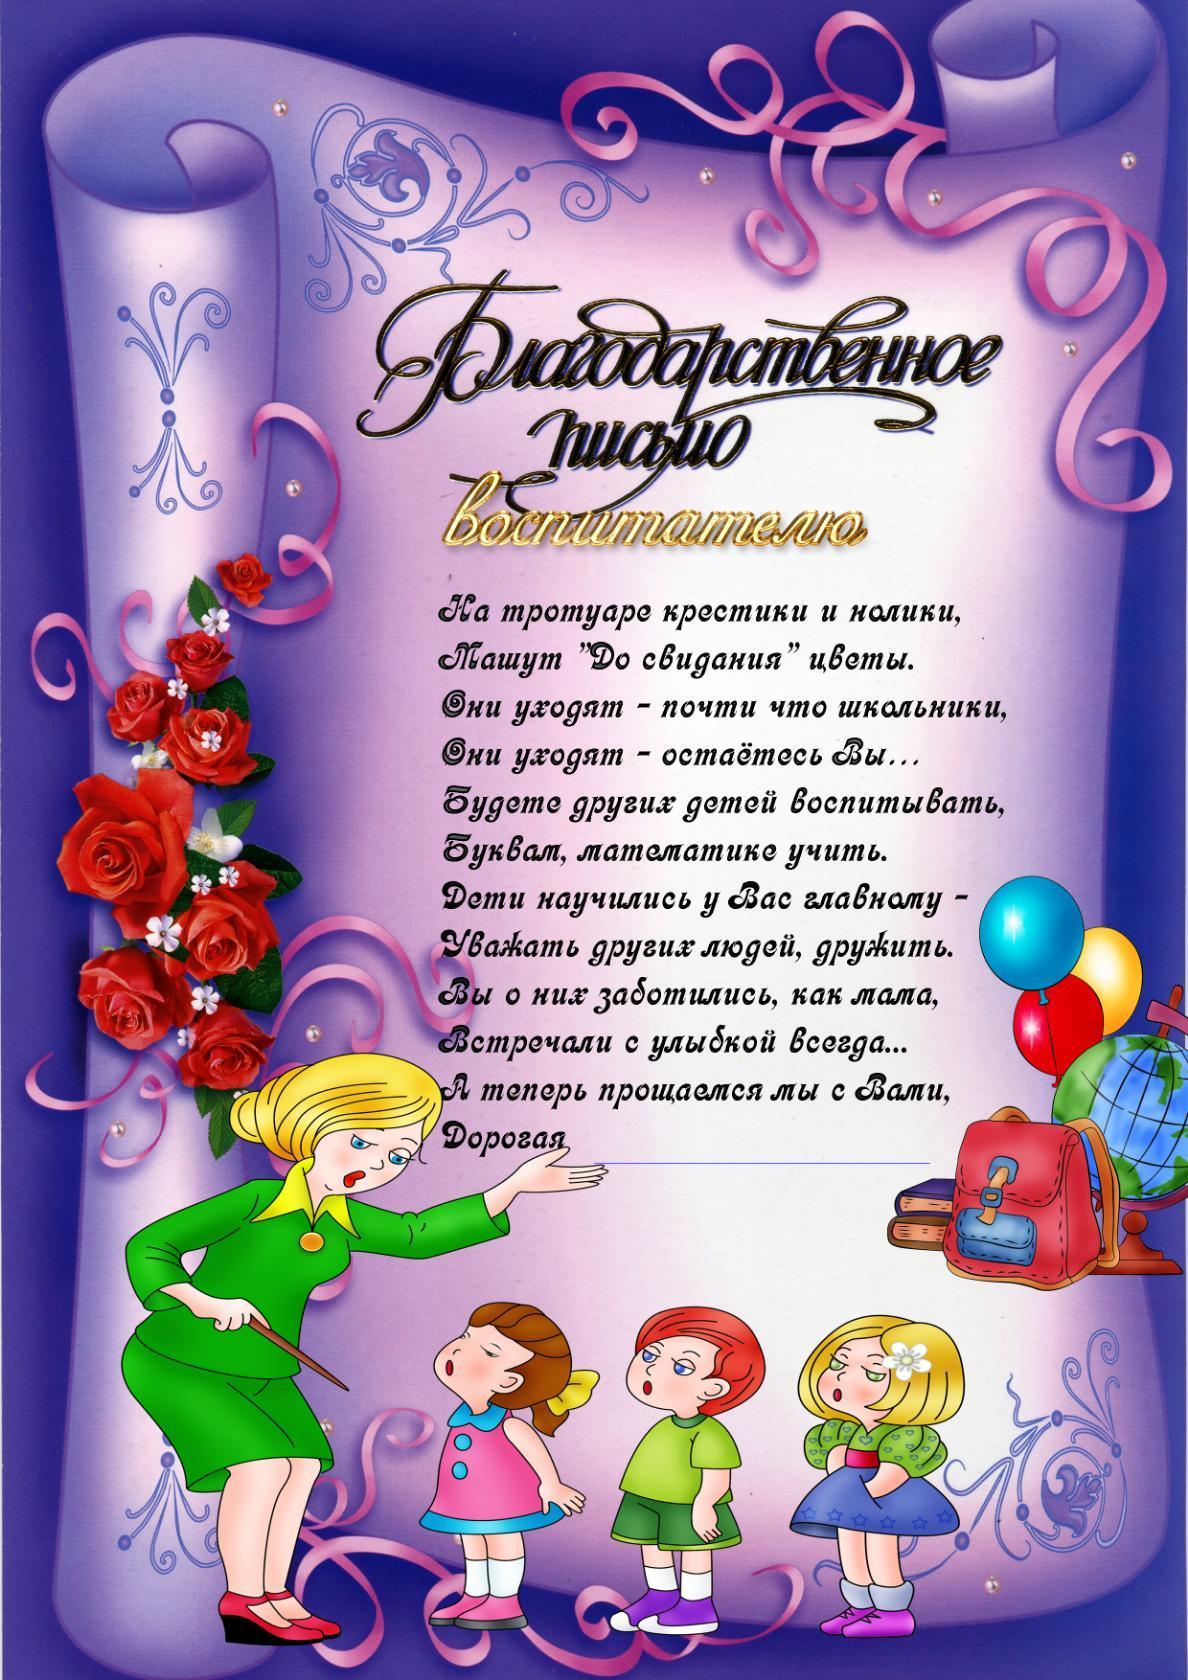 Открытки с днем рождения и стихи сотрудникам детского сада на выпускной, днем рождения директору